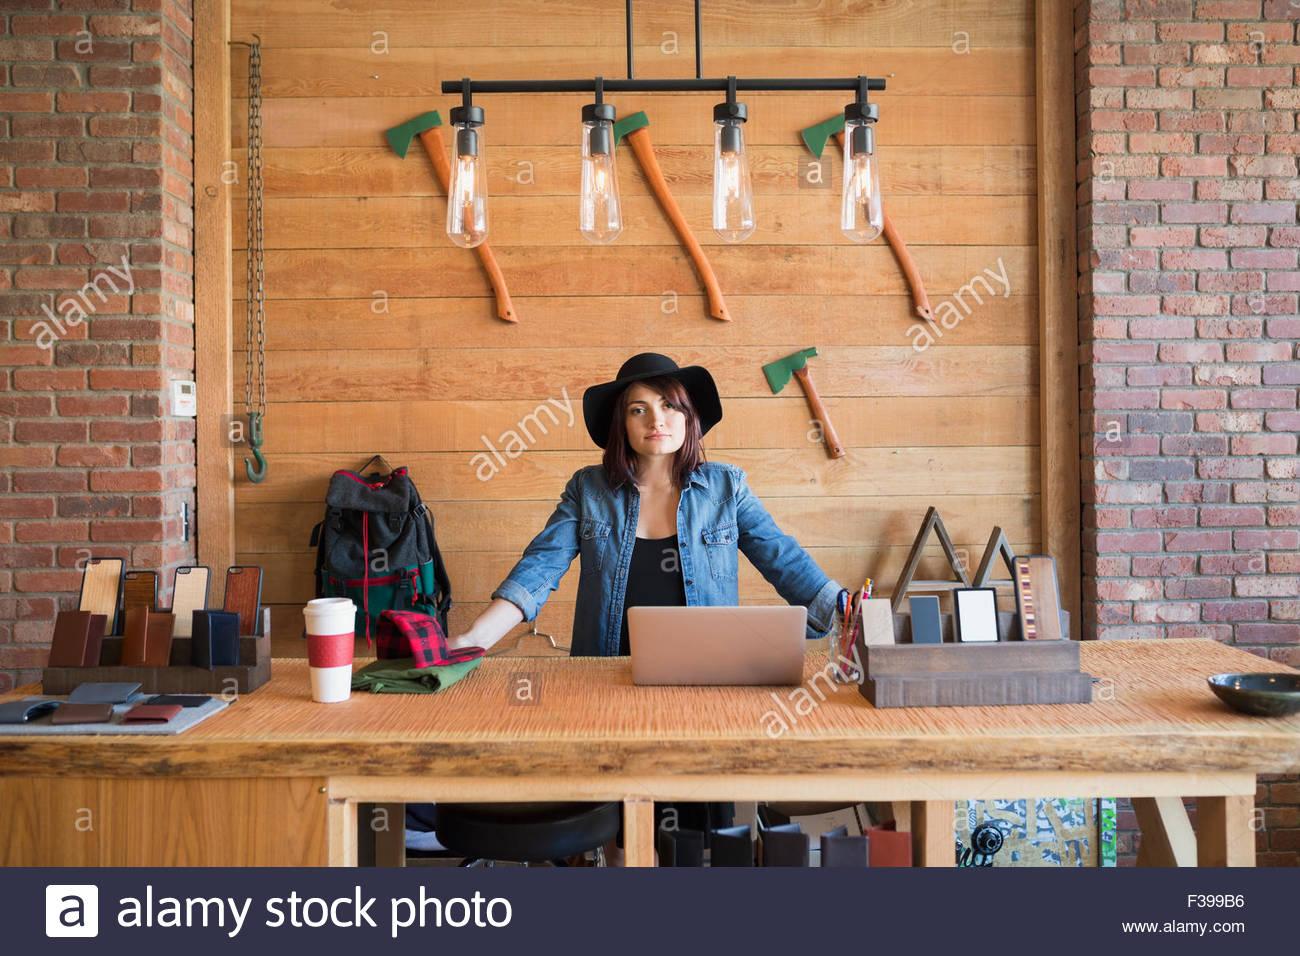 Ritratto fiducioso proprietario di affari dietro il bancone in negozio Immagini Stock